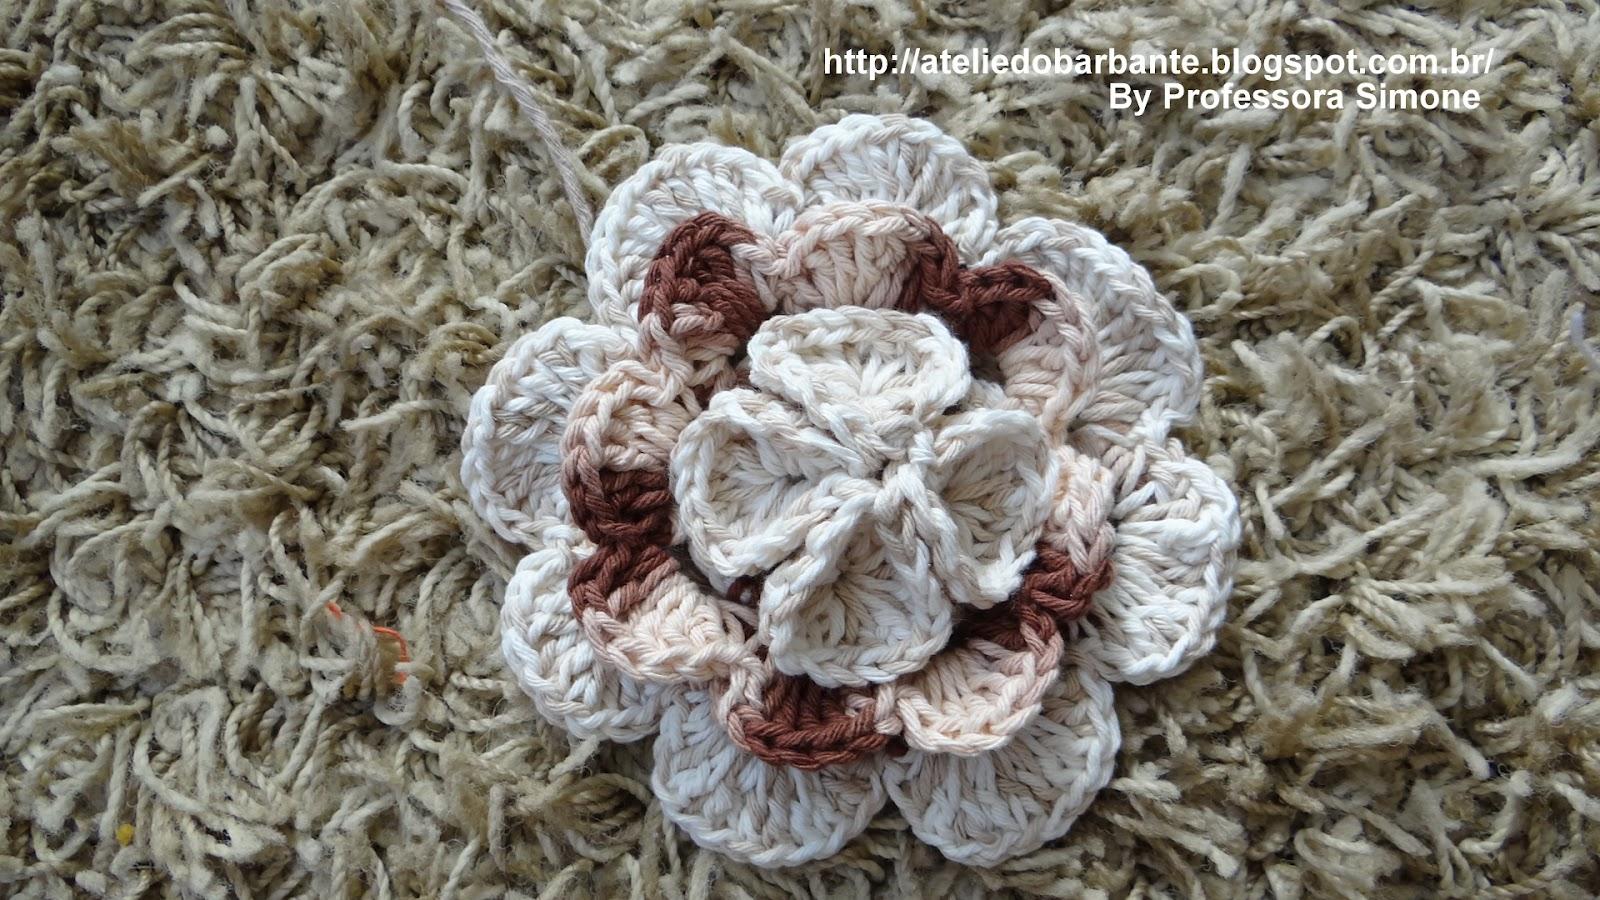 Coleção de Flores da Professora Simone - Ateliê do Crochê